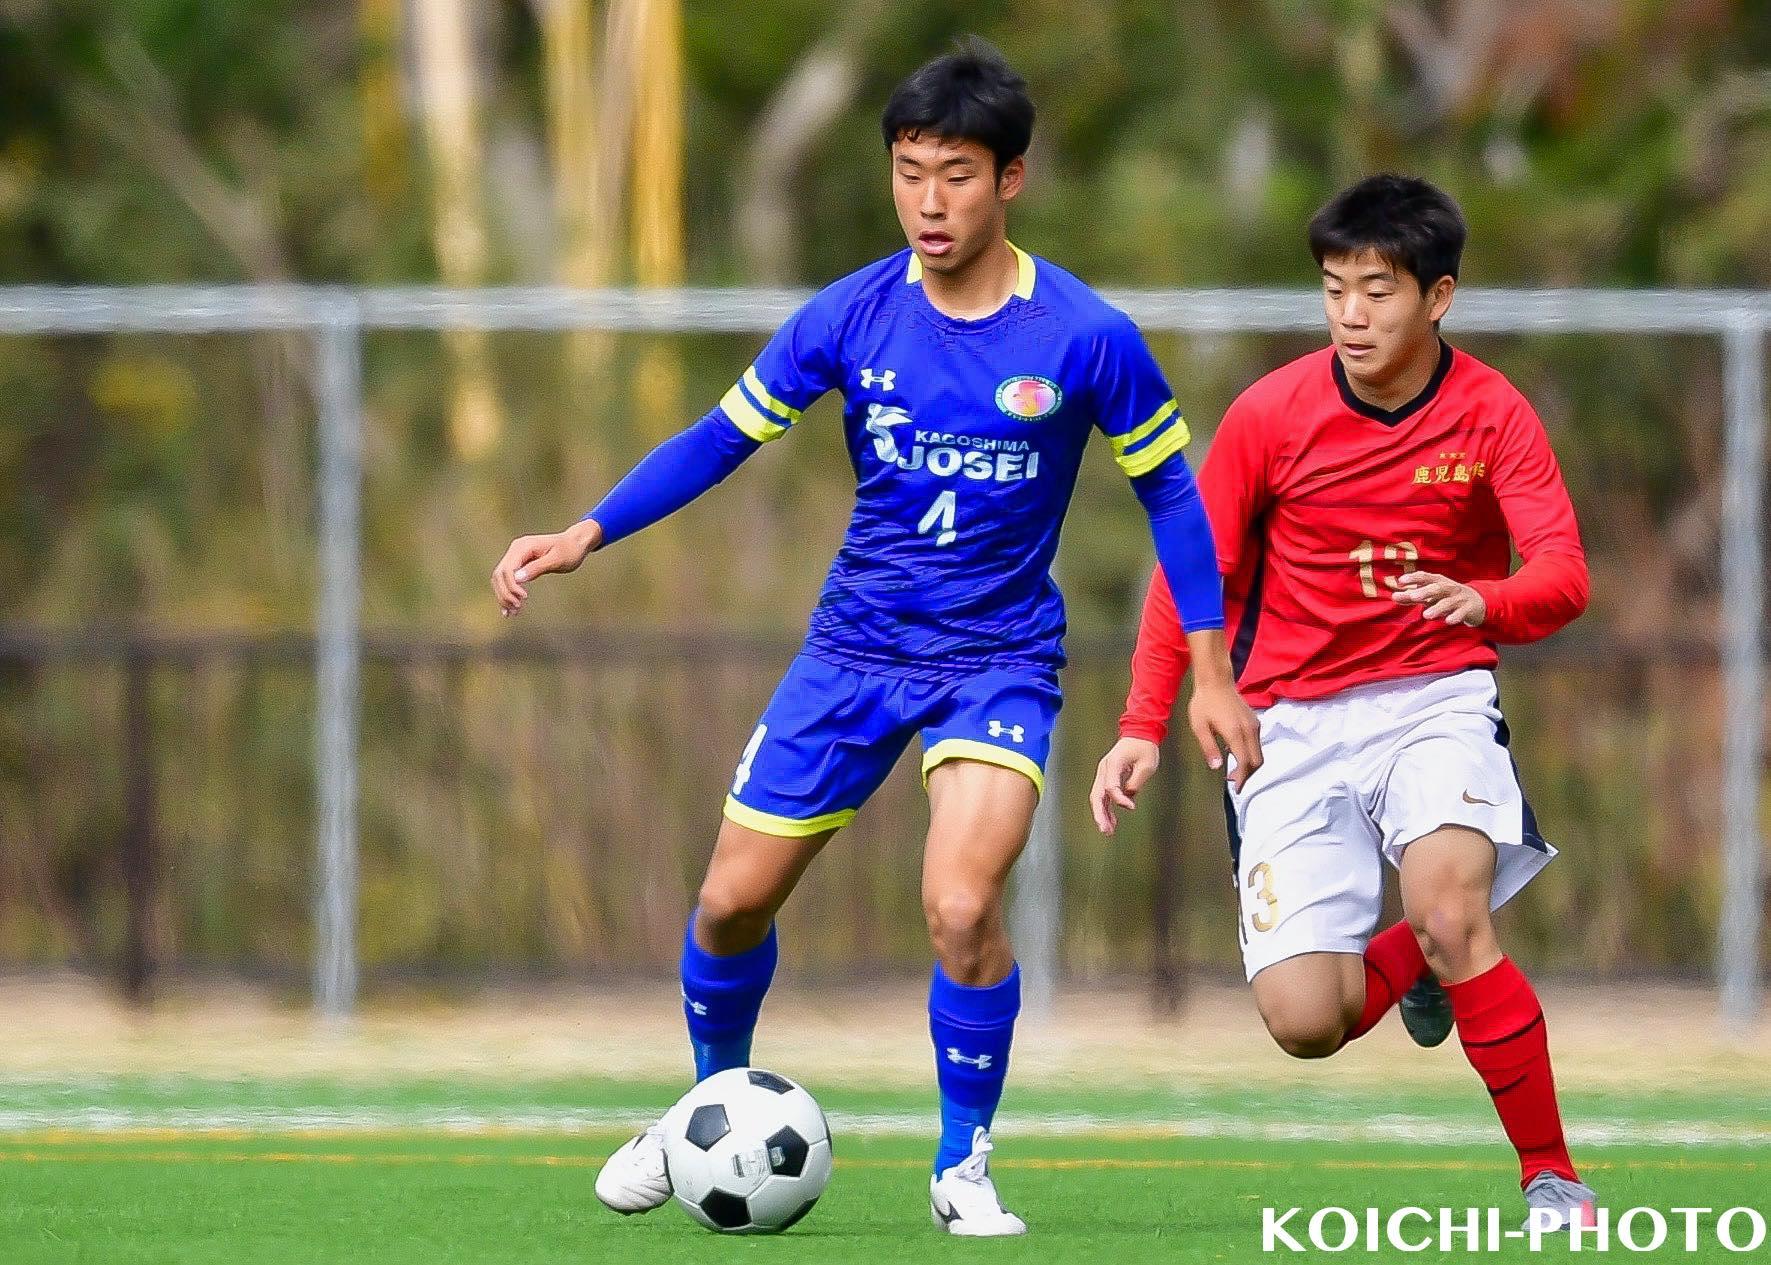 山口 県 高校 サッカー 新人 戦 2021 山口 チーム別データ 高校サッカードットコム